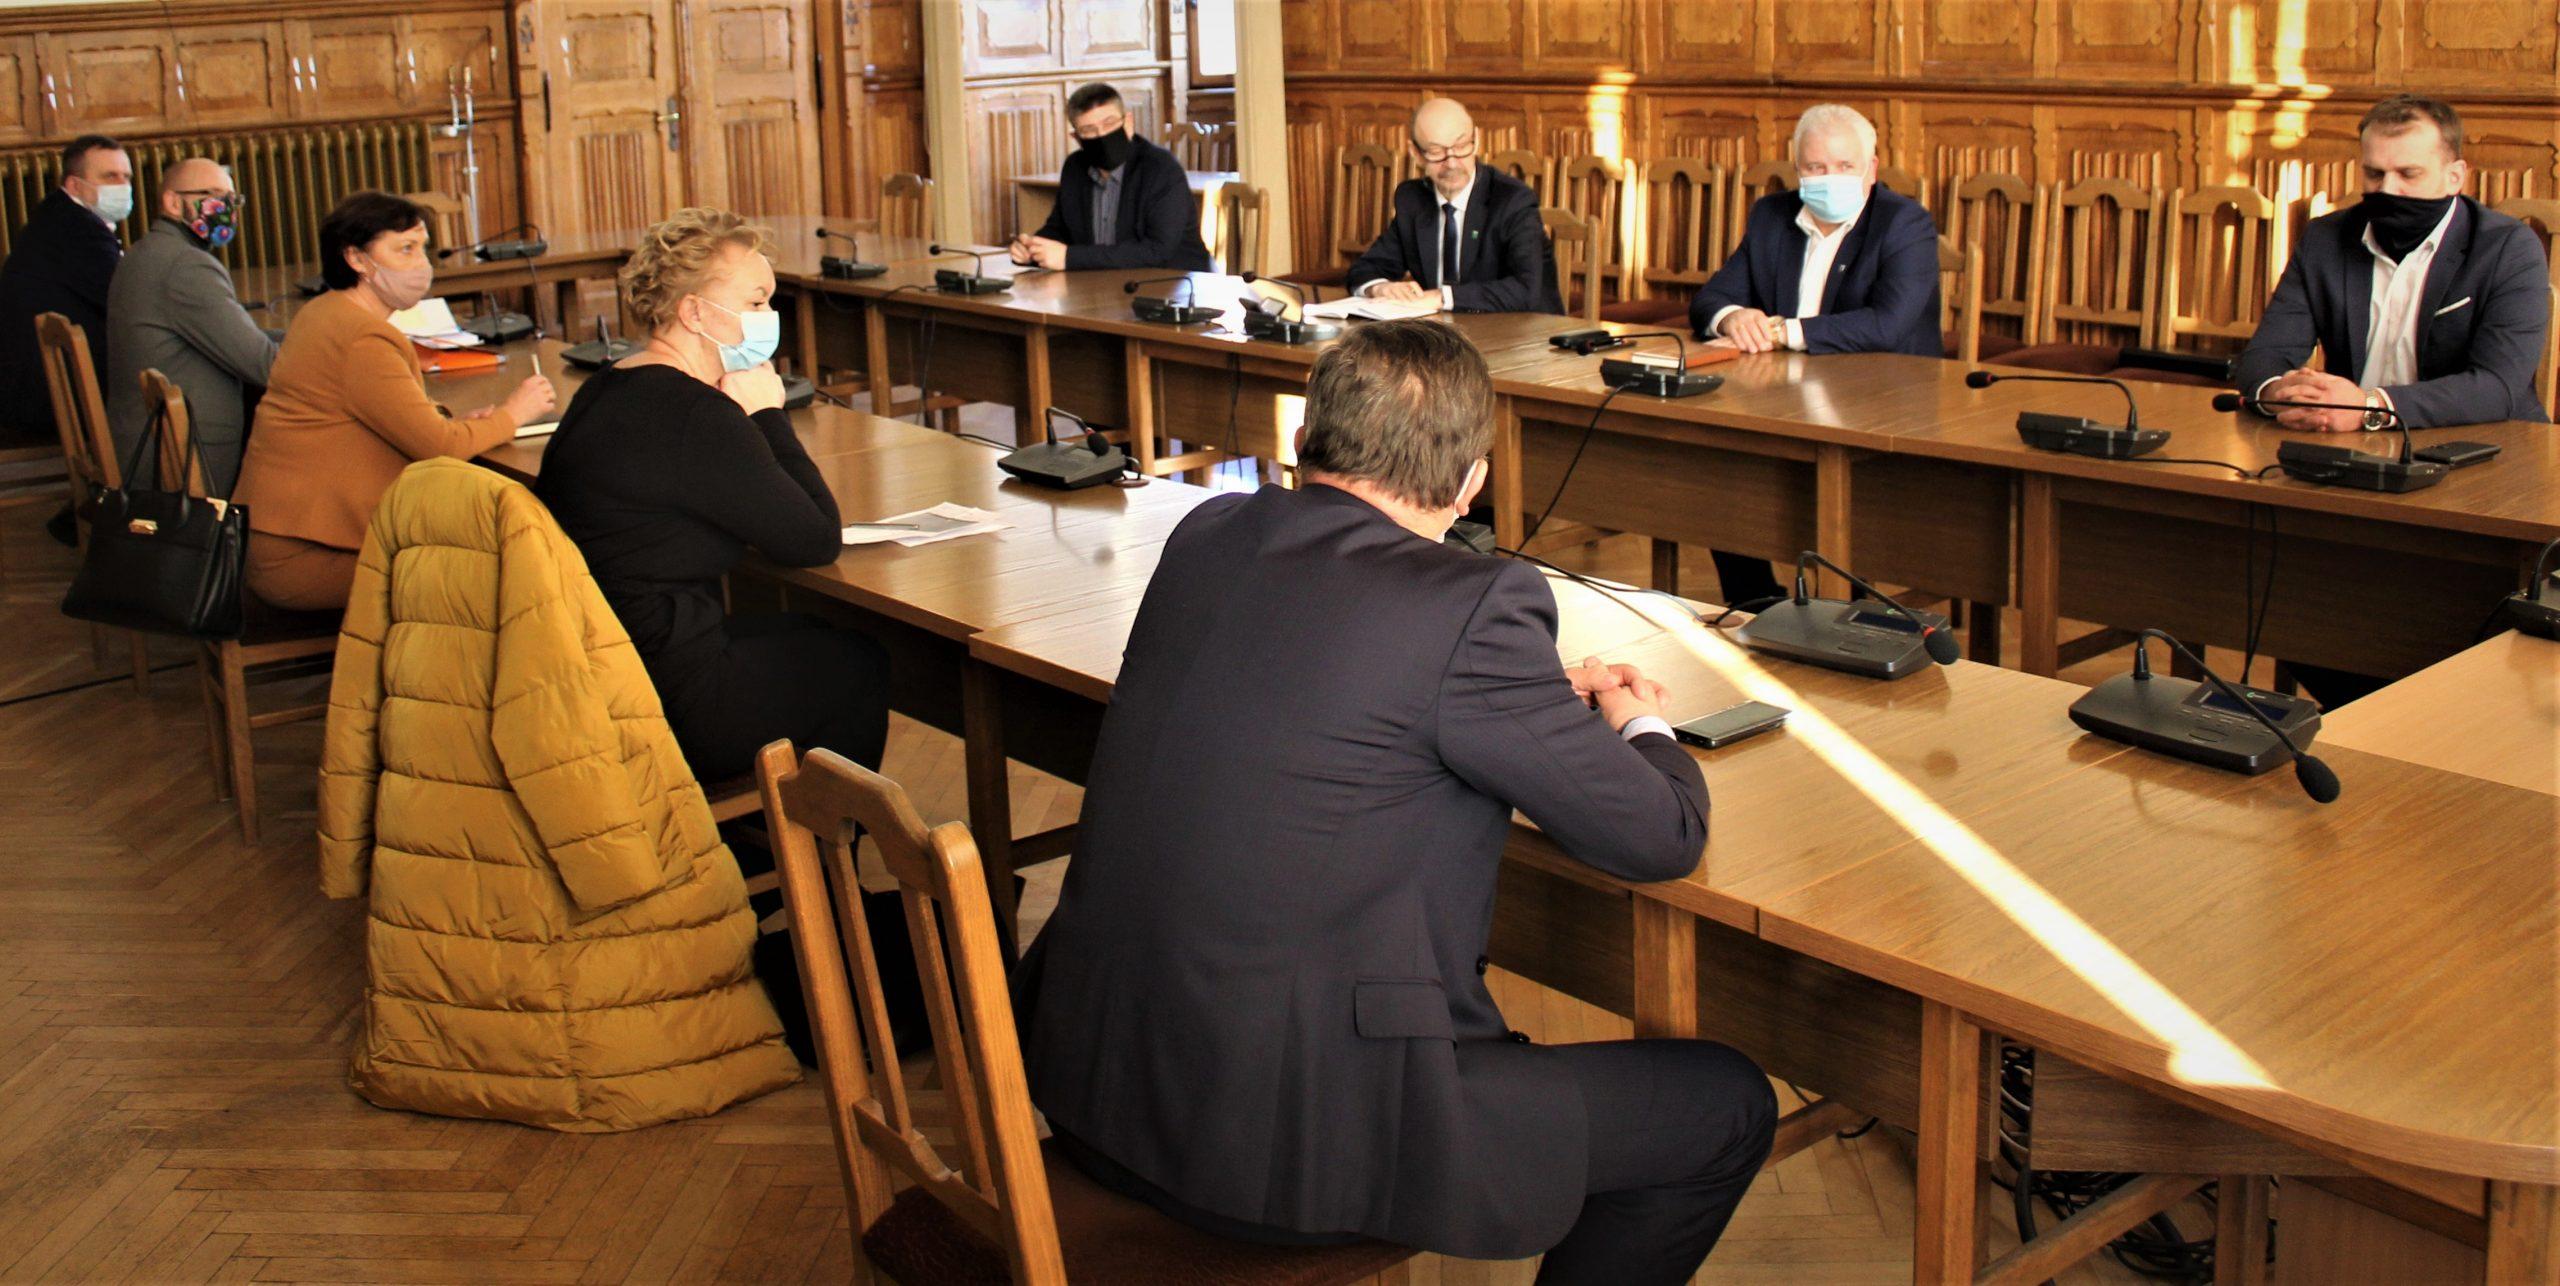 Zdjęcie przedstawia samorządowców z terenu powiatu kętrzyńskiego biorących udział w spotkaniu.